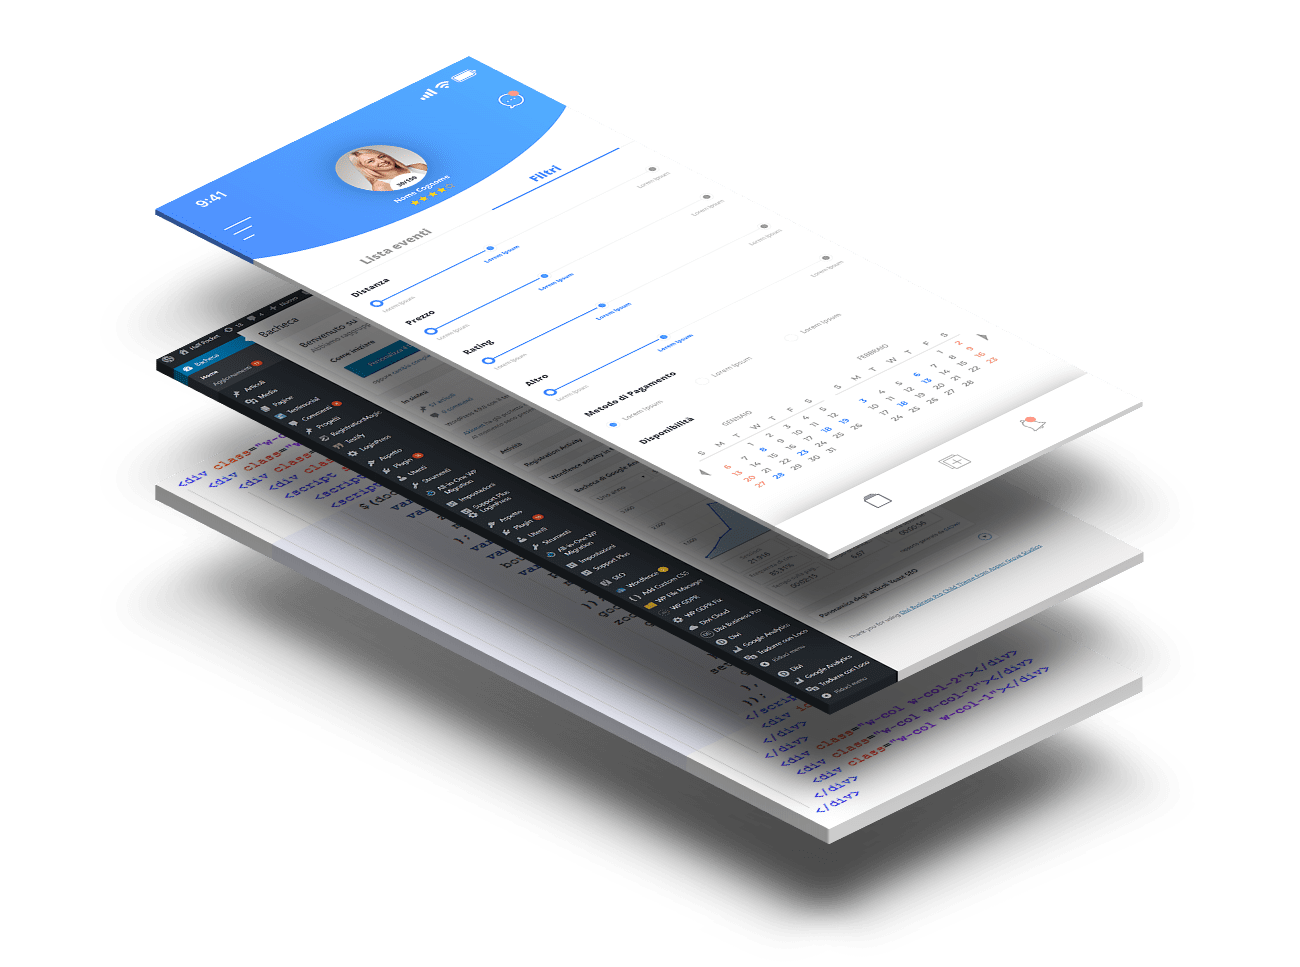 Tutti i servizi offerti da Half Pocket oltre la pubblicità online